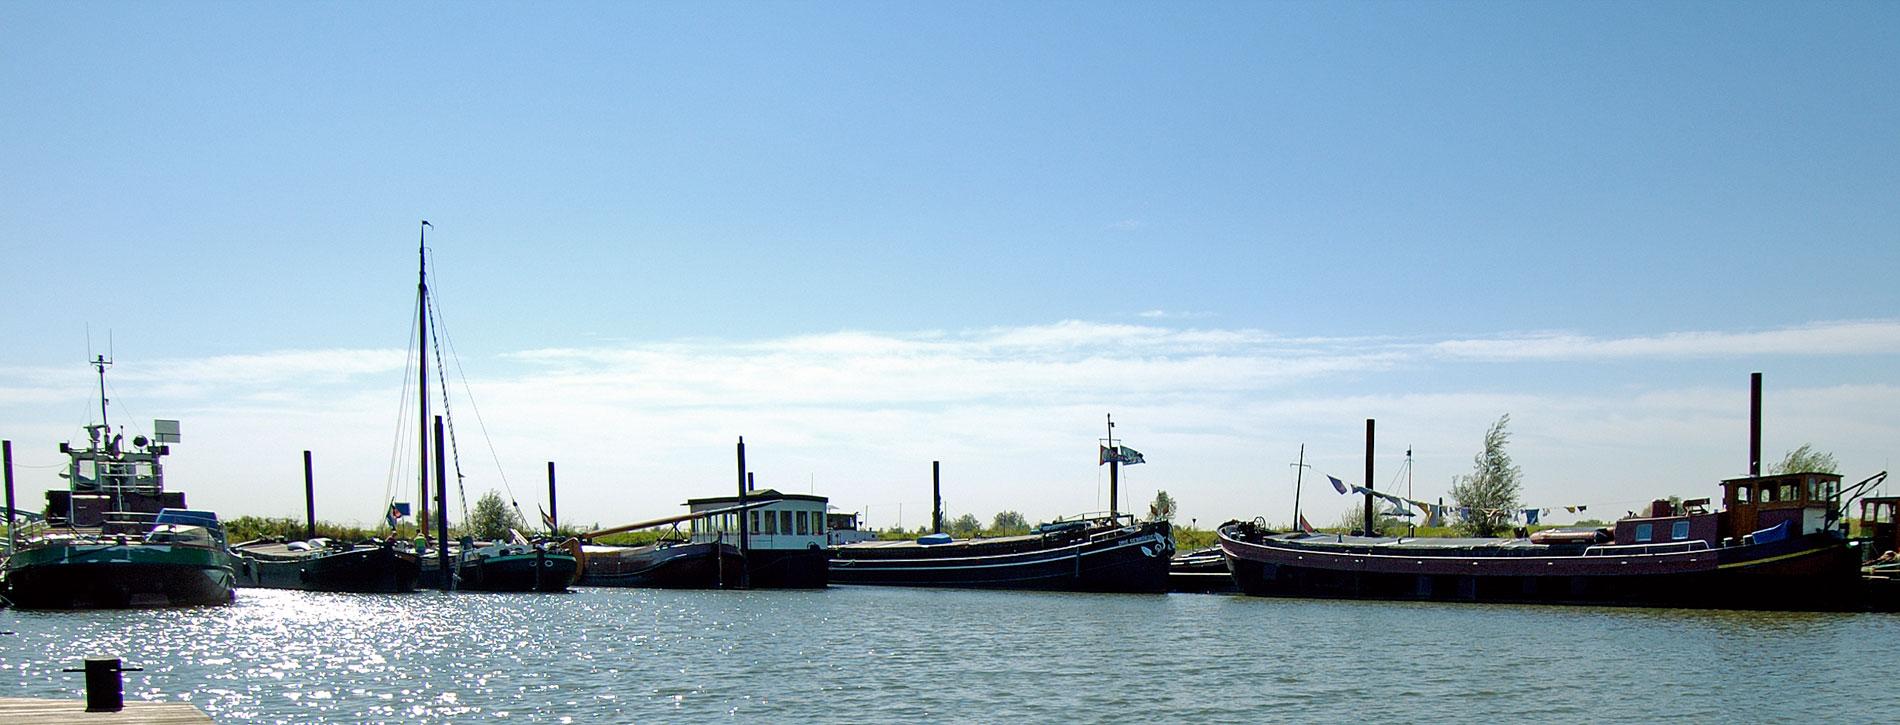 achtergrond Stichting Hanzehaven Zutphen